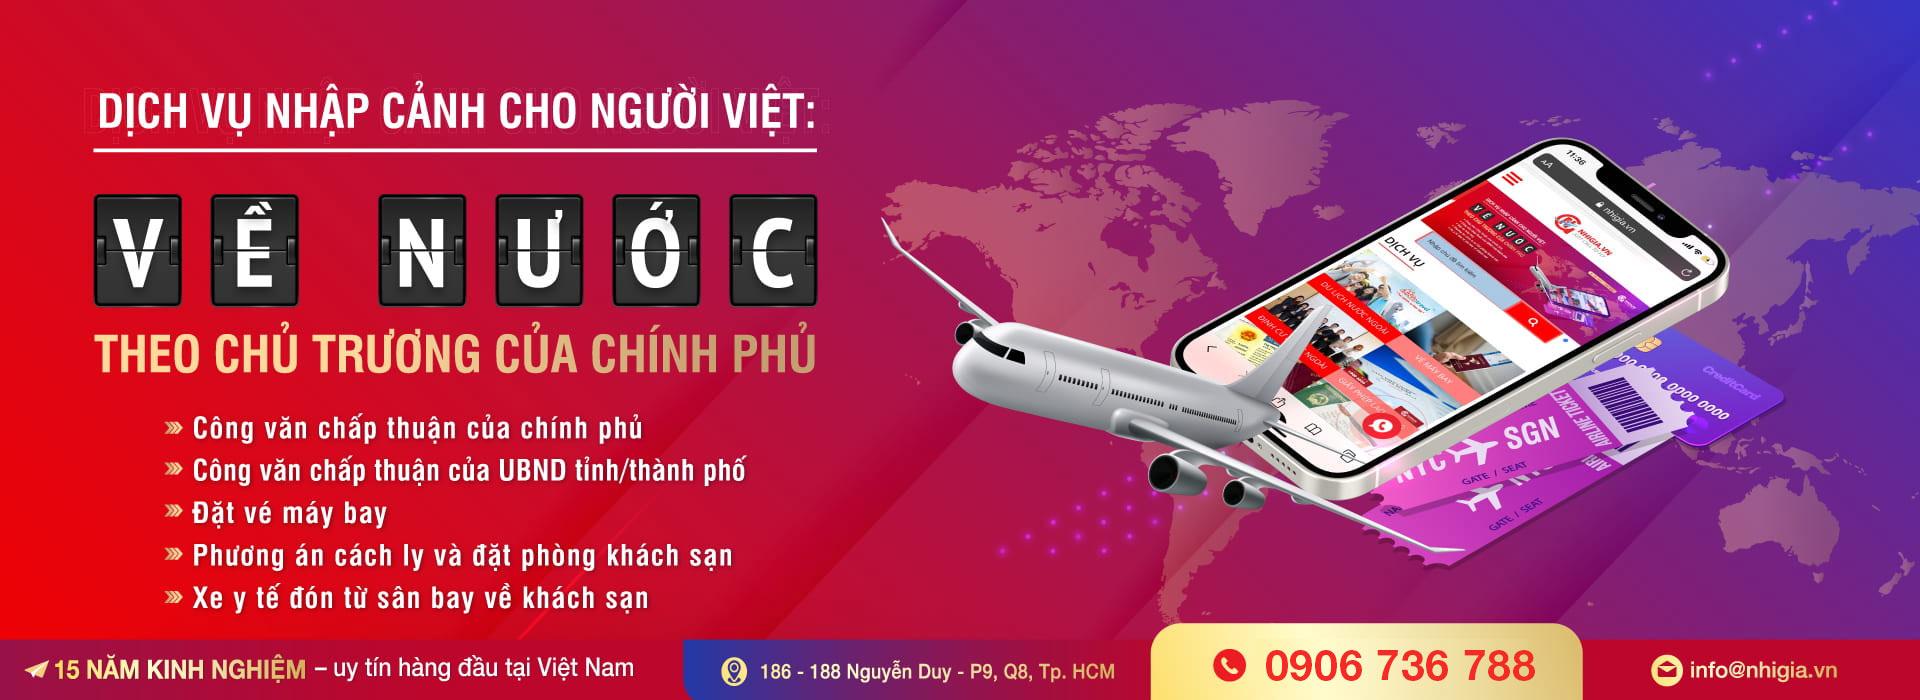 Dịch vụ nhập cảnh cho người Việt Nam trọn gói